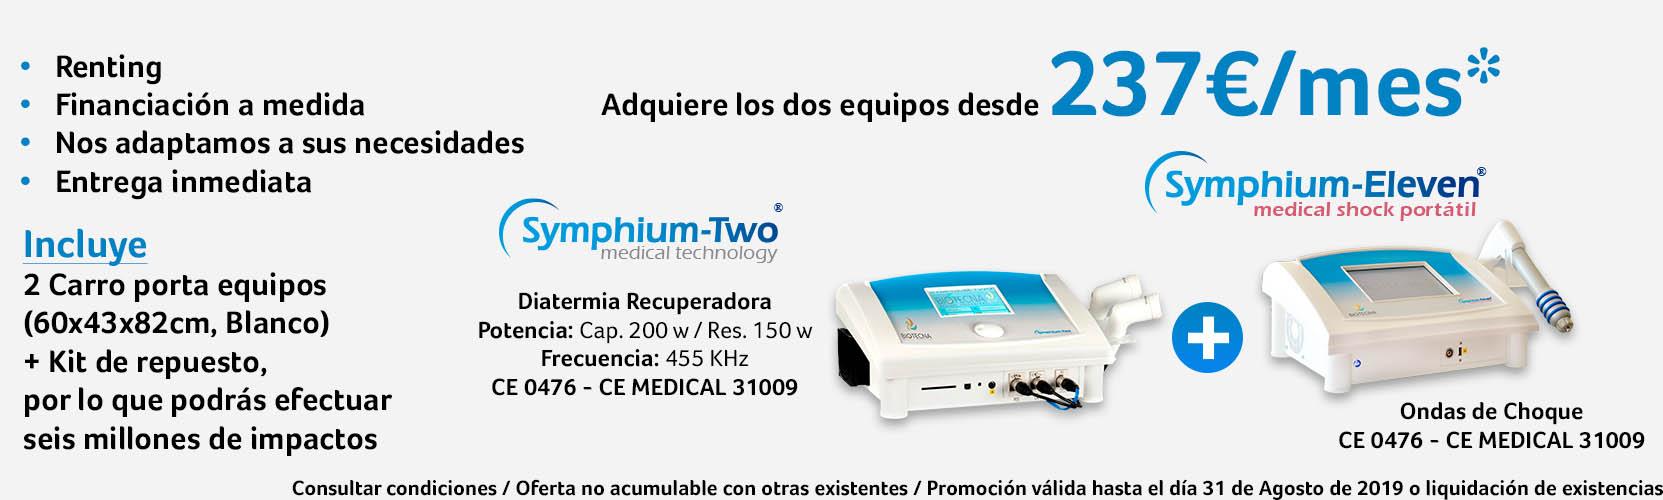 Biotecna-Ofertas-Agosto-2019-Symphium-Two-1